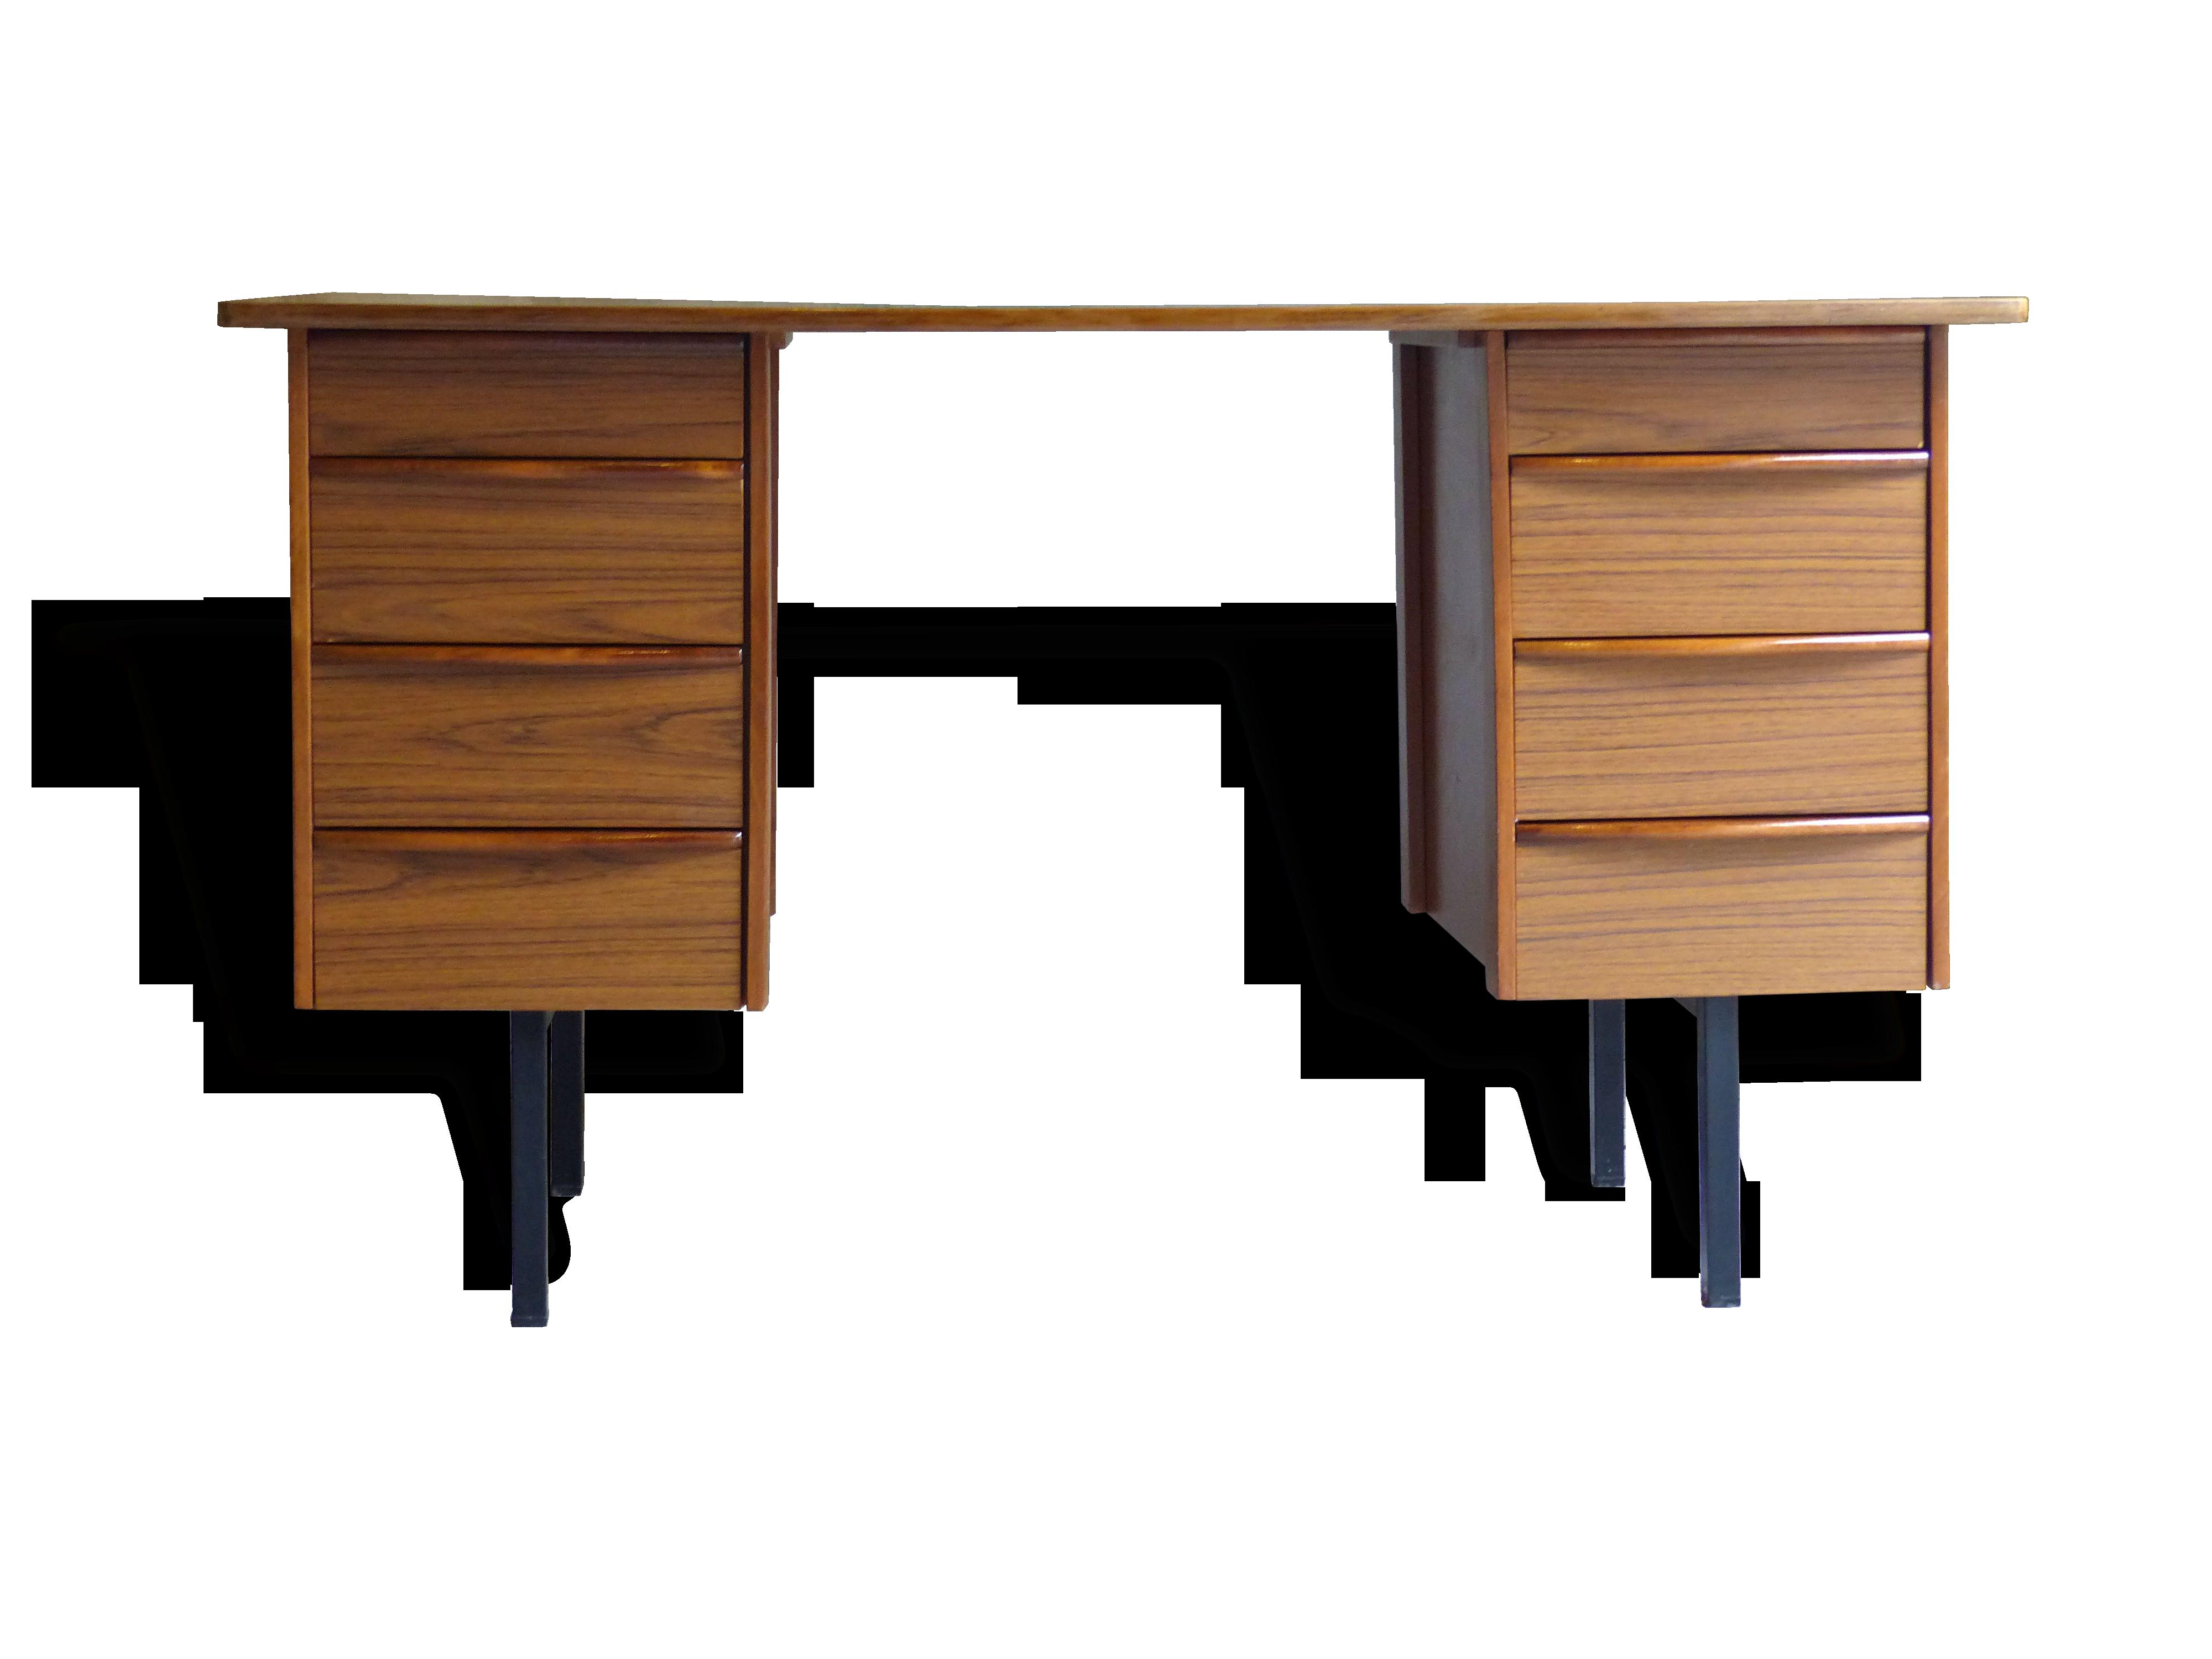 Bureau en frêne et formica bois matériau vintage